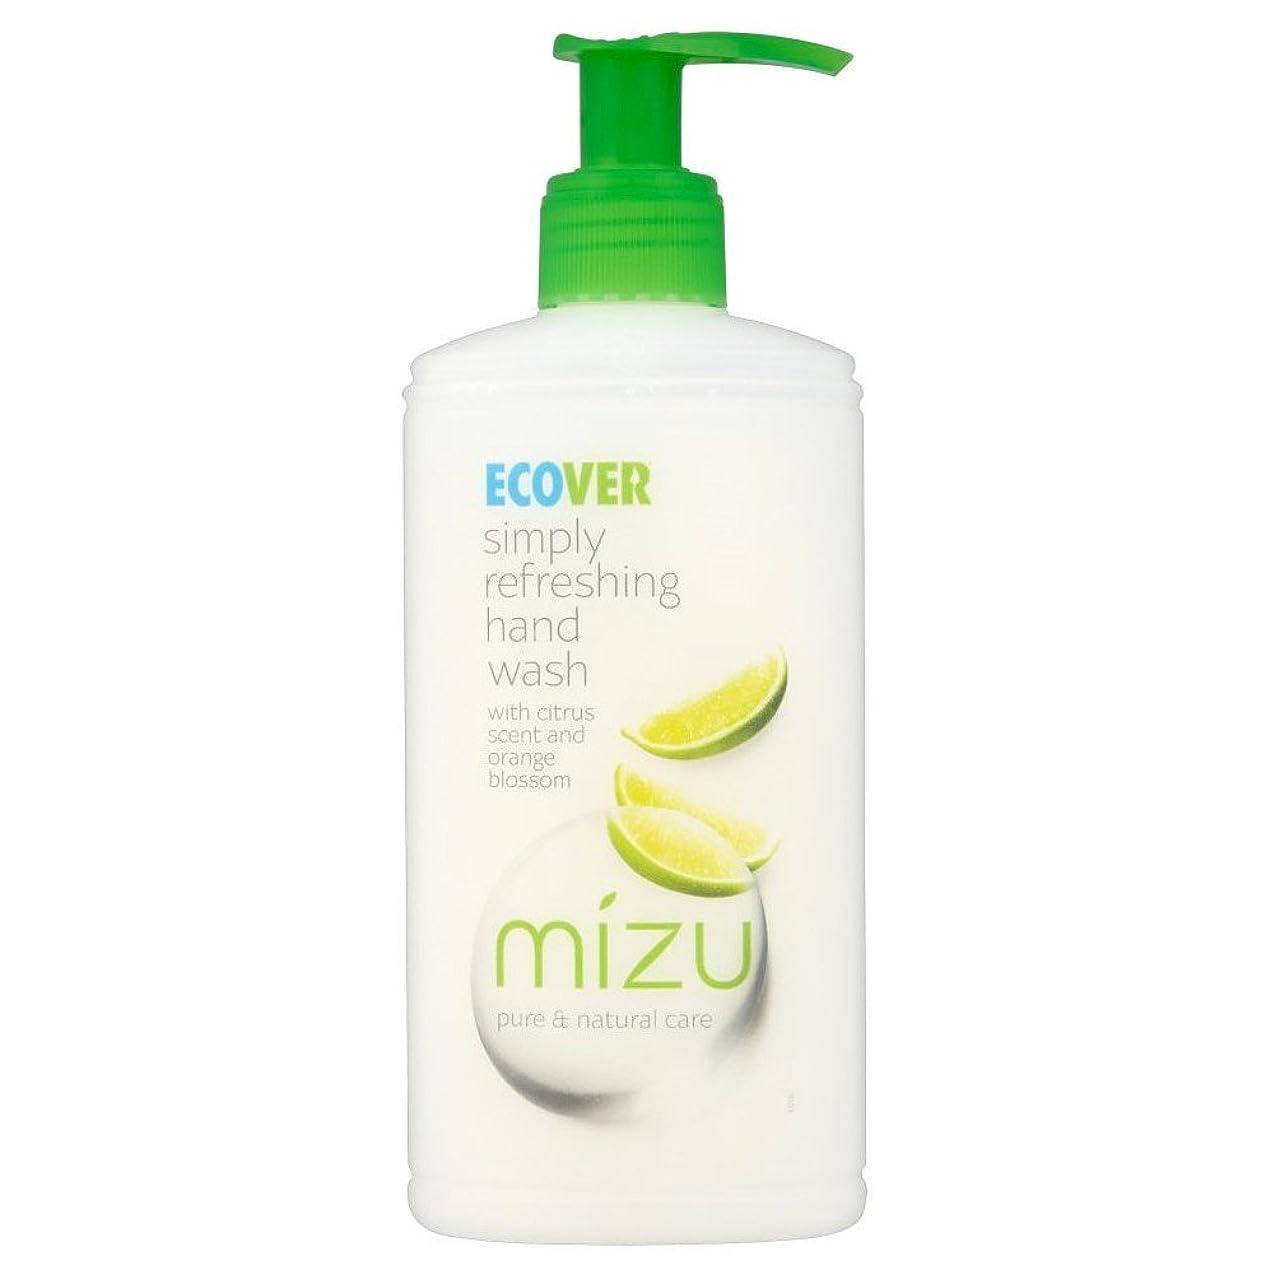 広告哲学相談するEcover Liquid Hand Soap Citrus & Orange Blossom (250ml) エコベール液体ハンドソープシトラスとオレンジの花( 250ミリリットル) [並行輸入品]